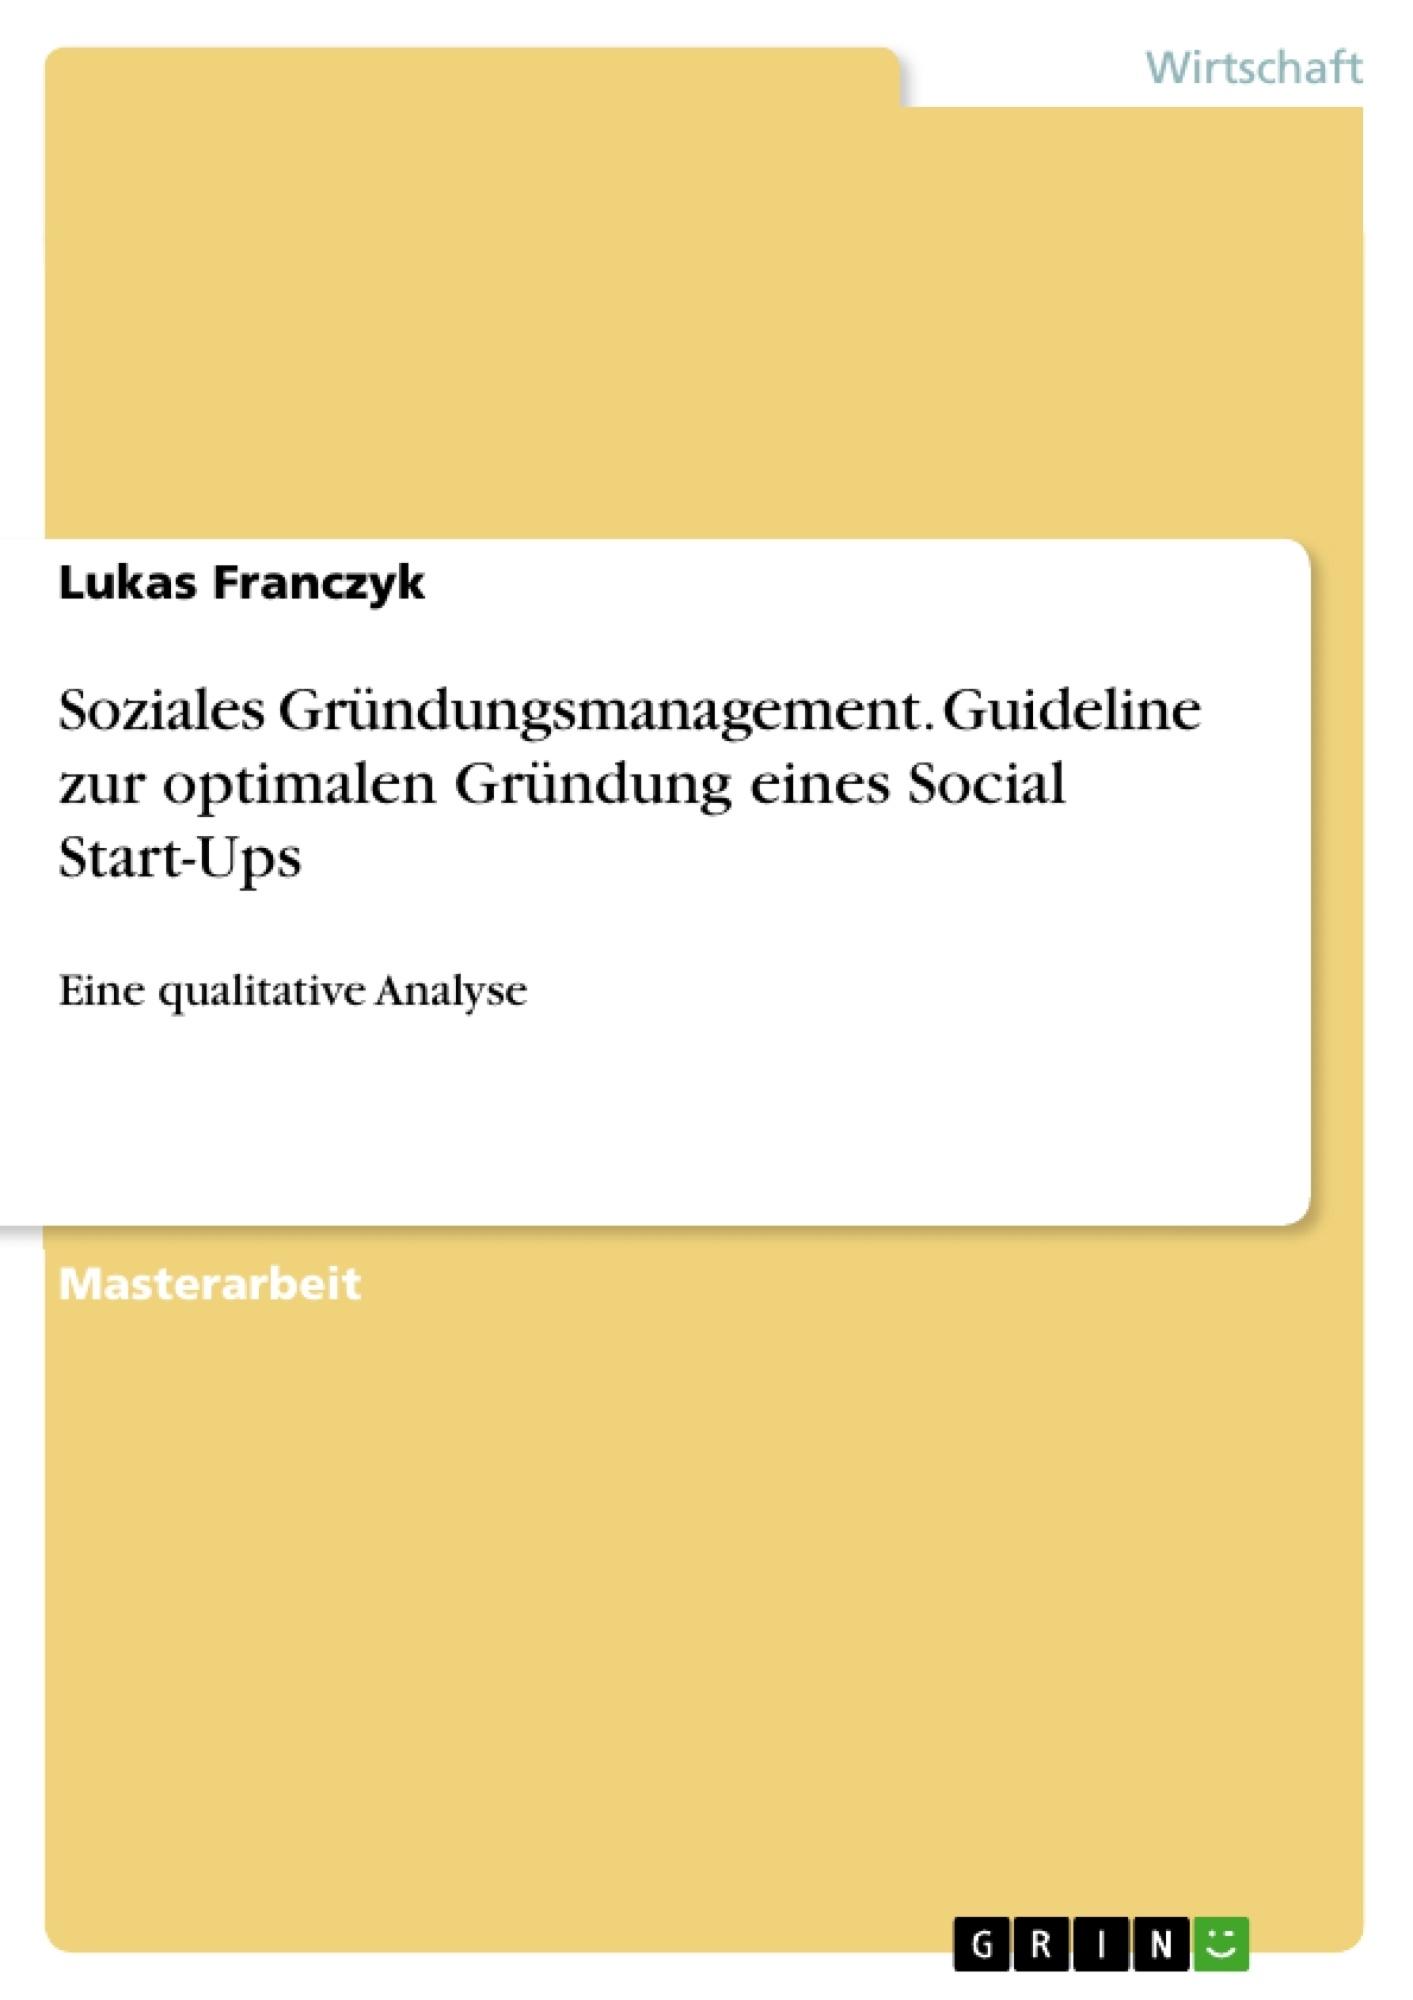 Titel: Soziales Gründungsmanagement. Guideline zur optimalen Gründung eines Social Start-Ups